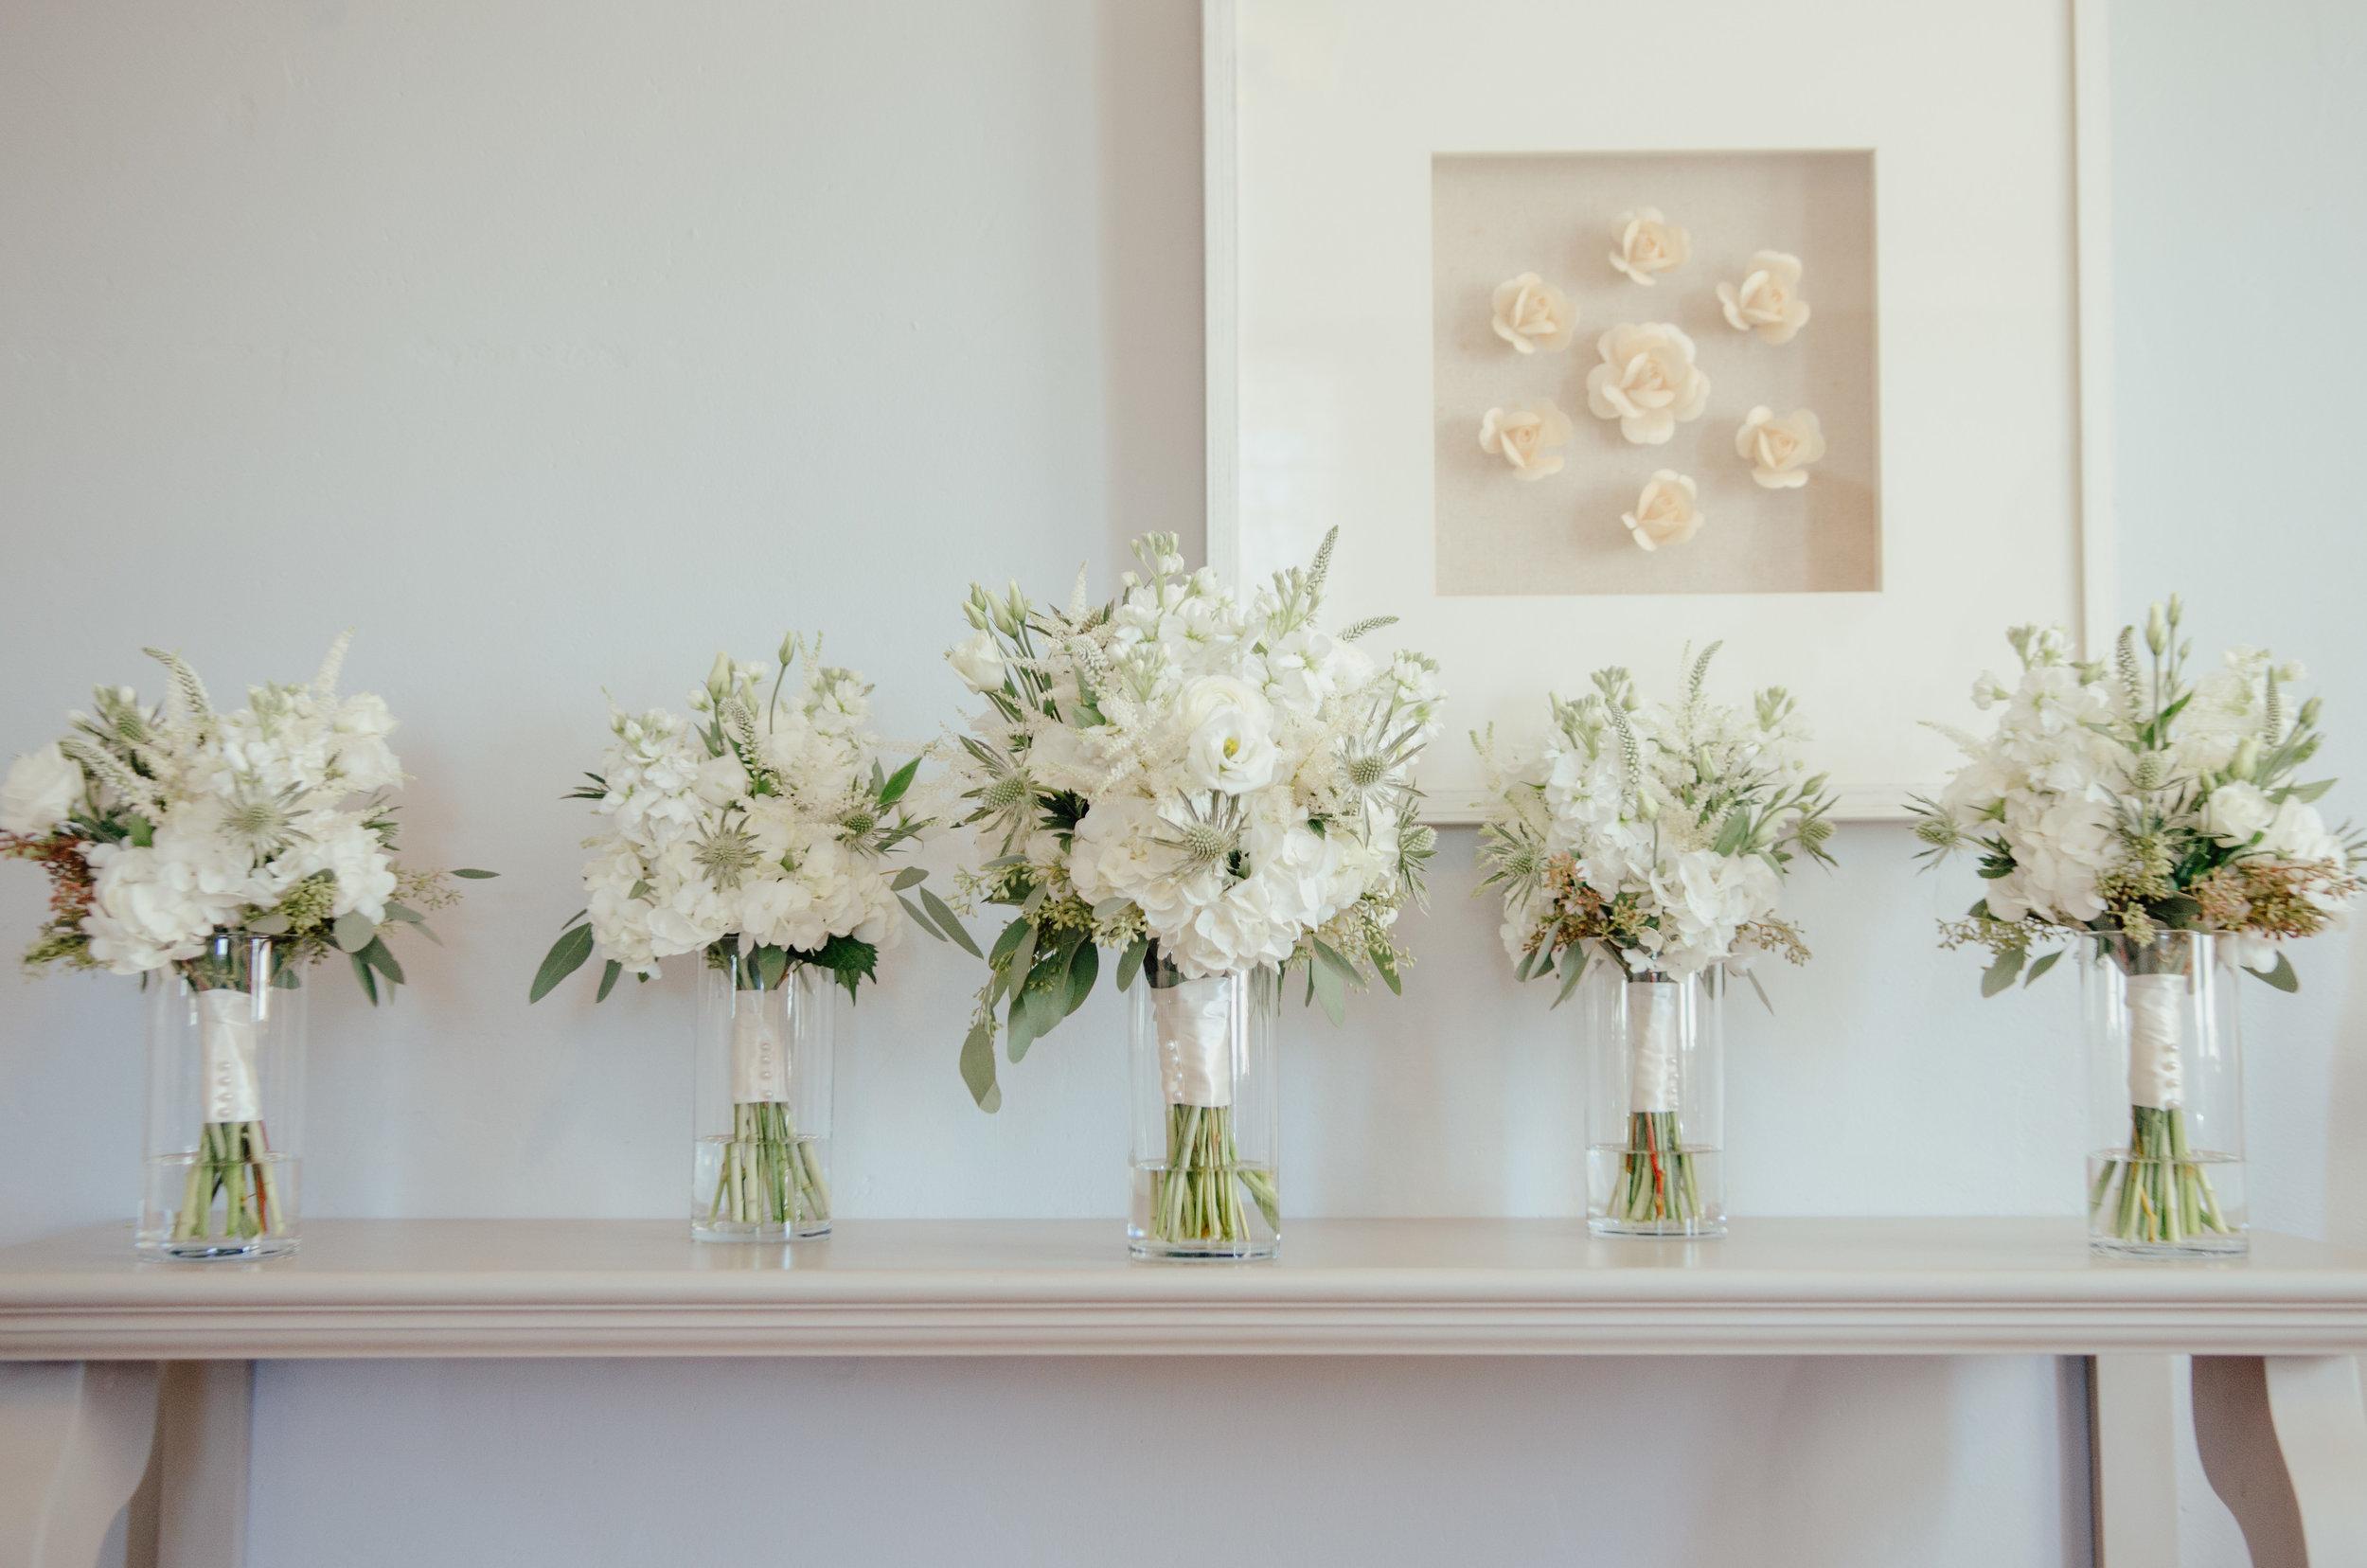 cleland-studios-weddings-38.jpg